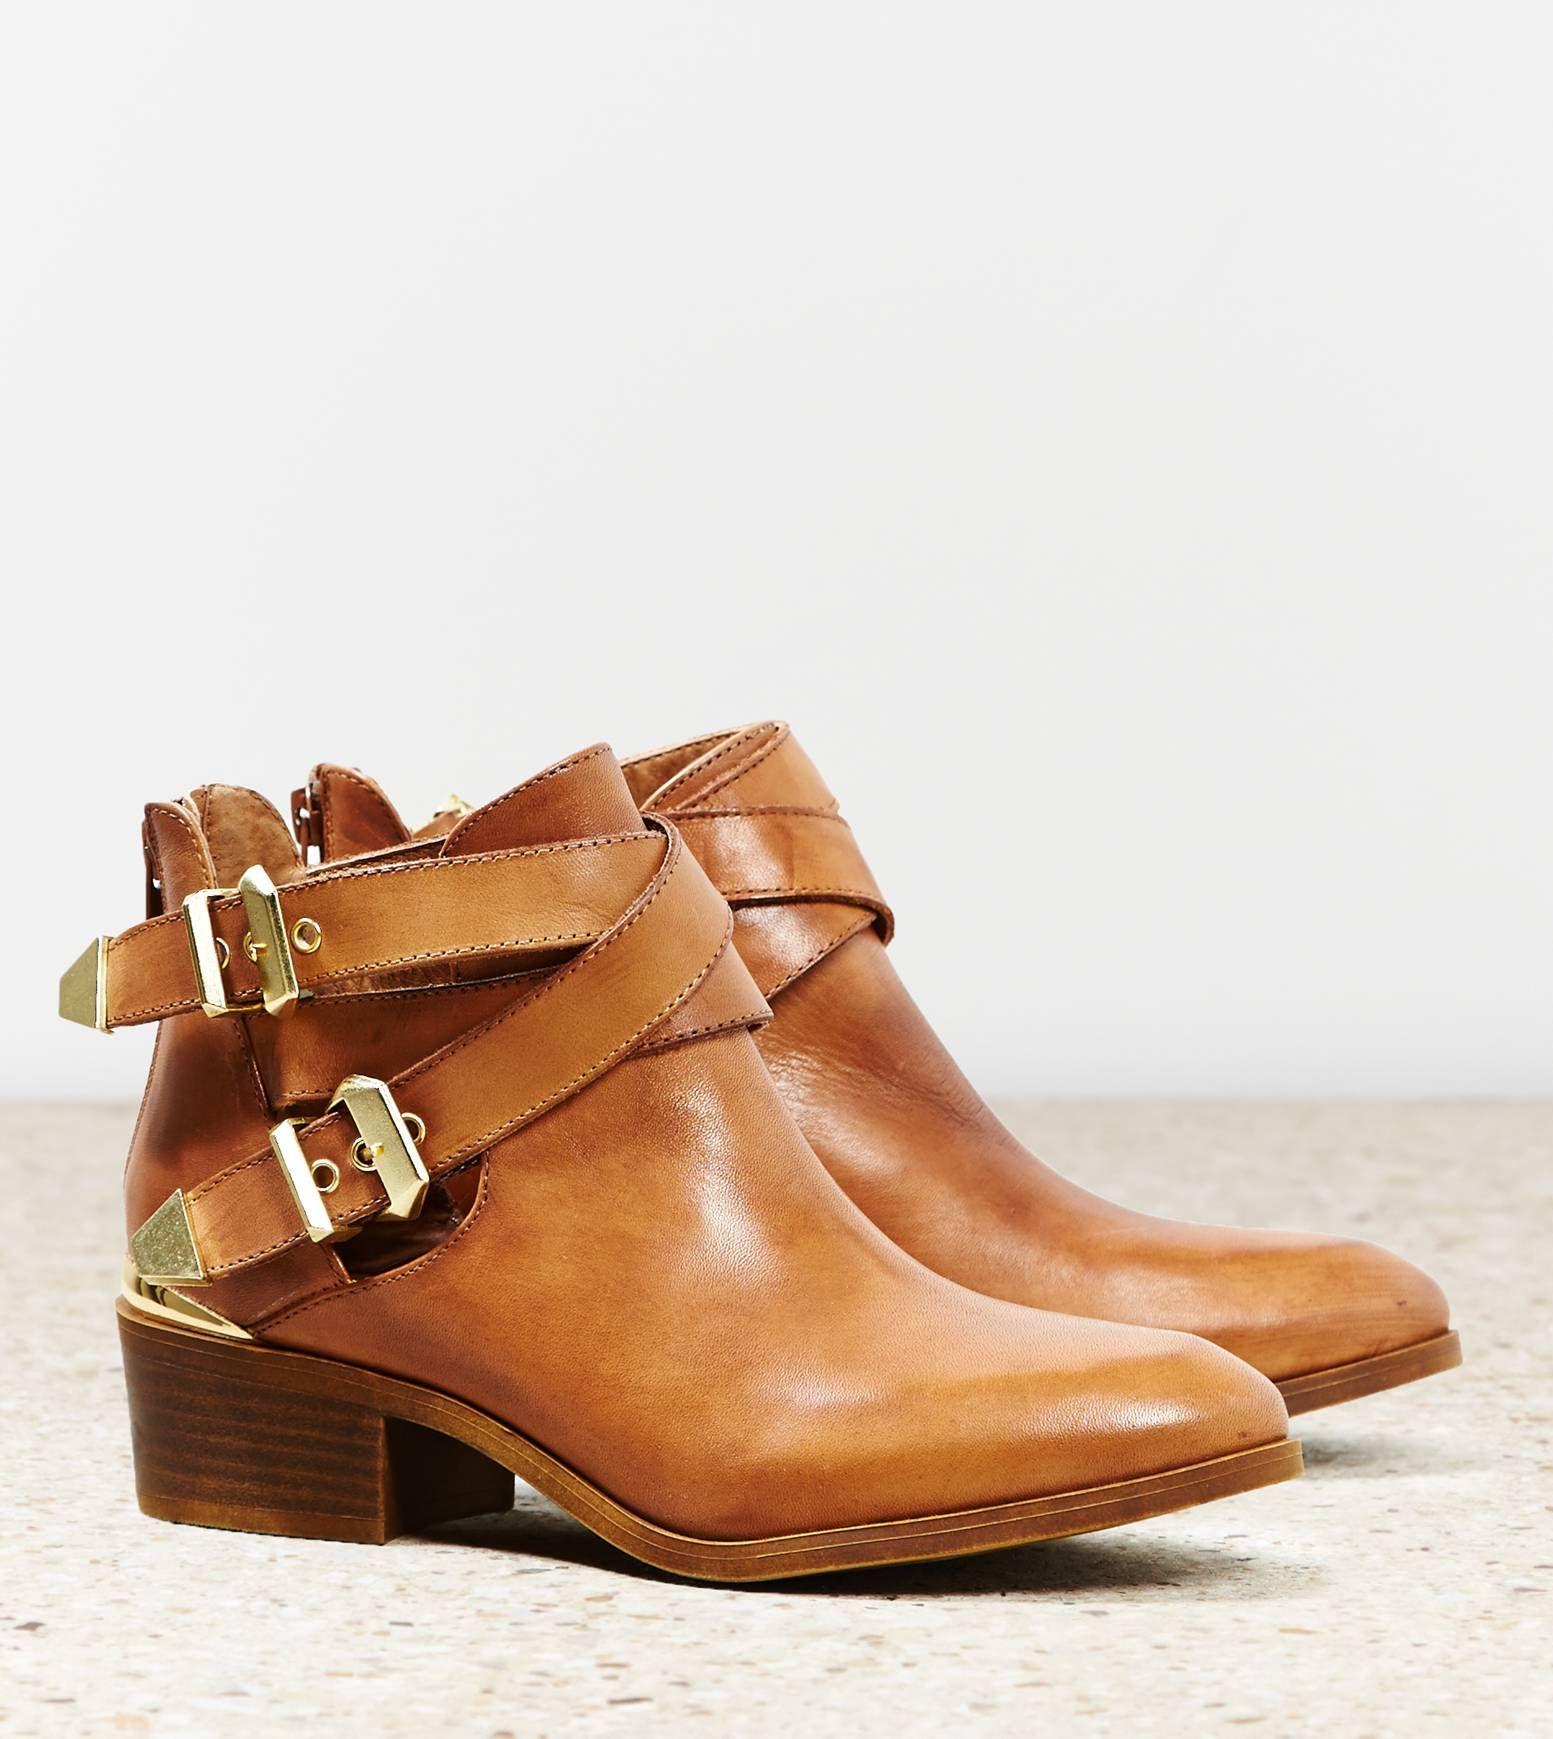 bottines plutôt plates camel sympa avec les boucles dorées